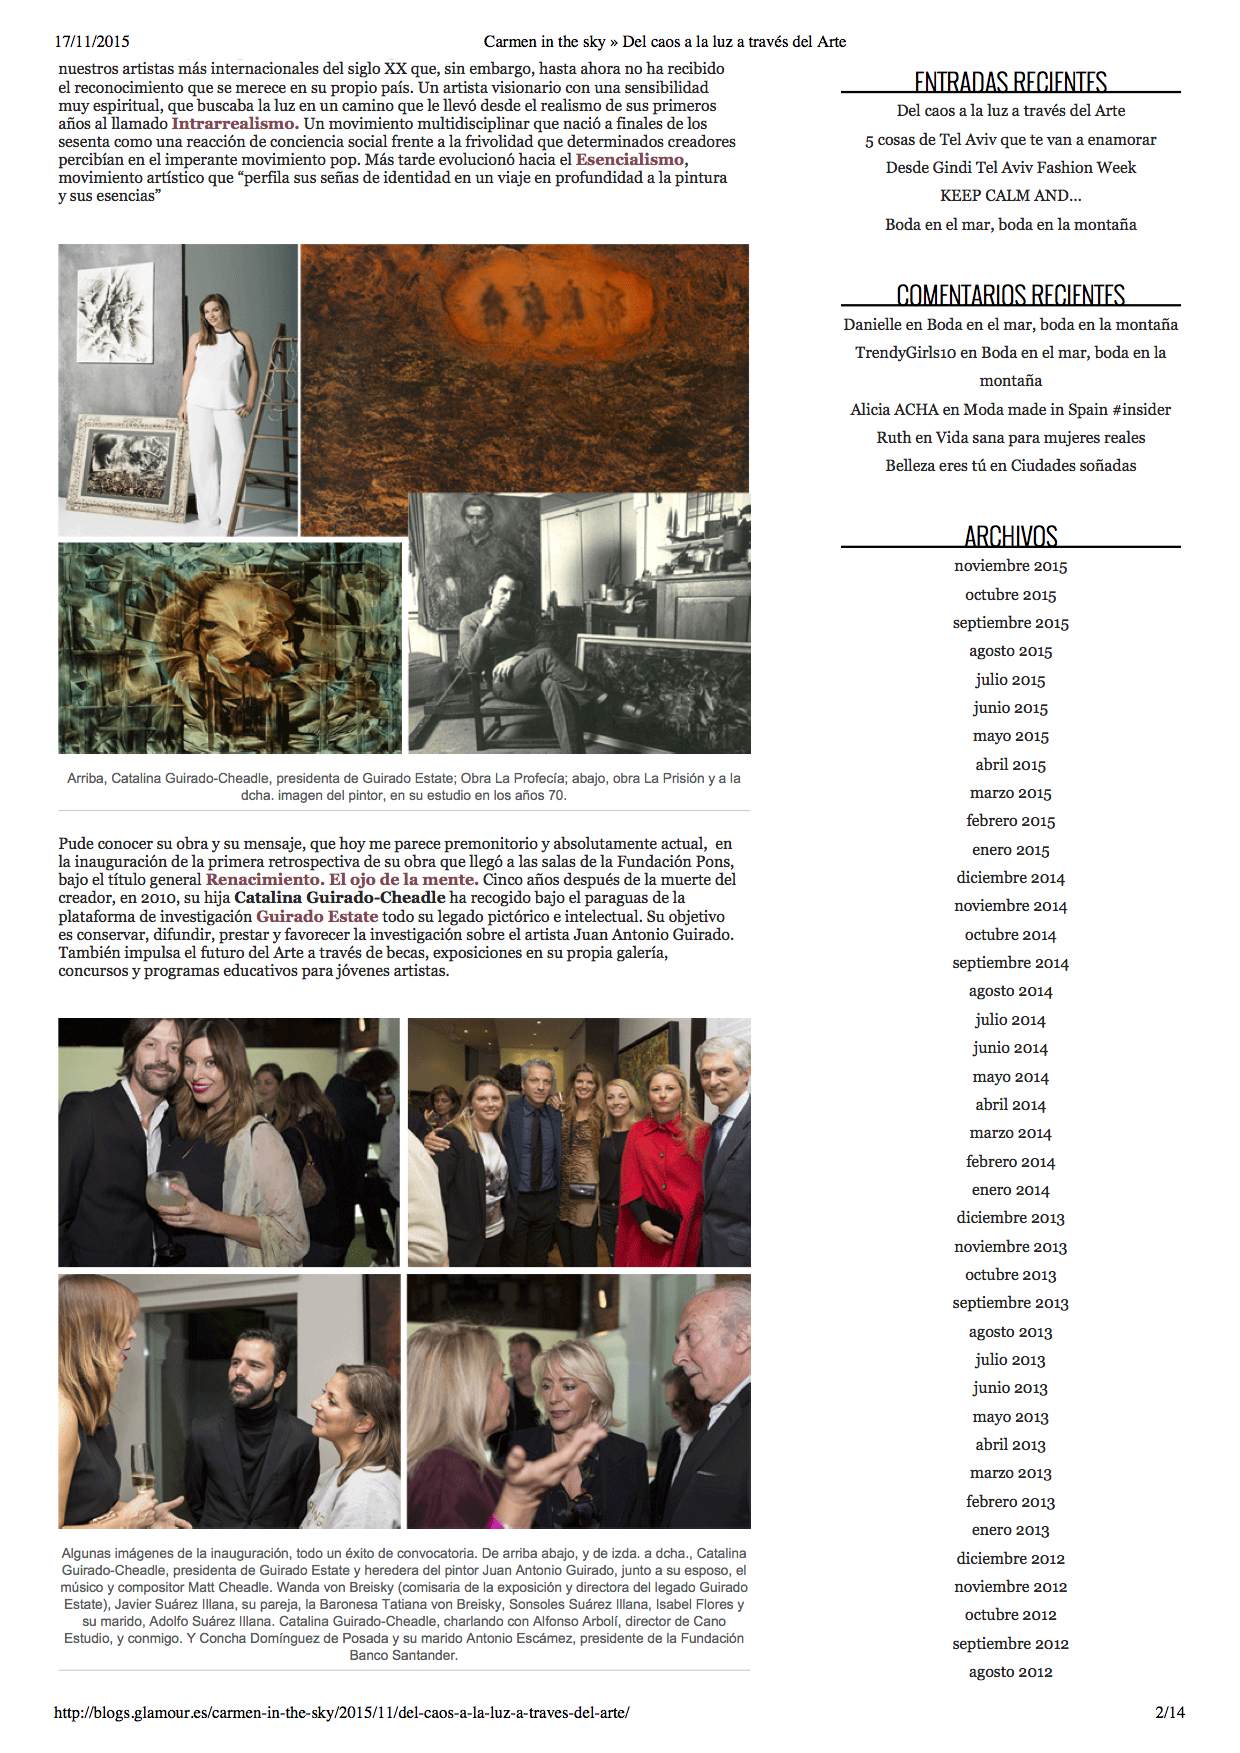 Del caos a la luz a traves del arte, Glamour, by Carmen Garijo, 14 November, 2015